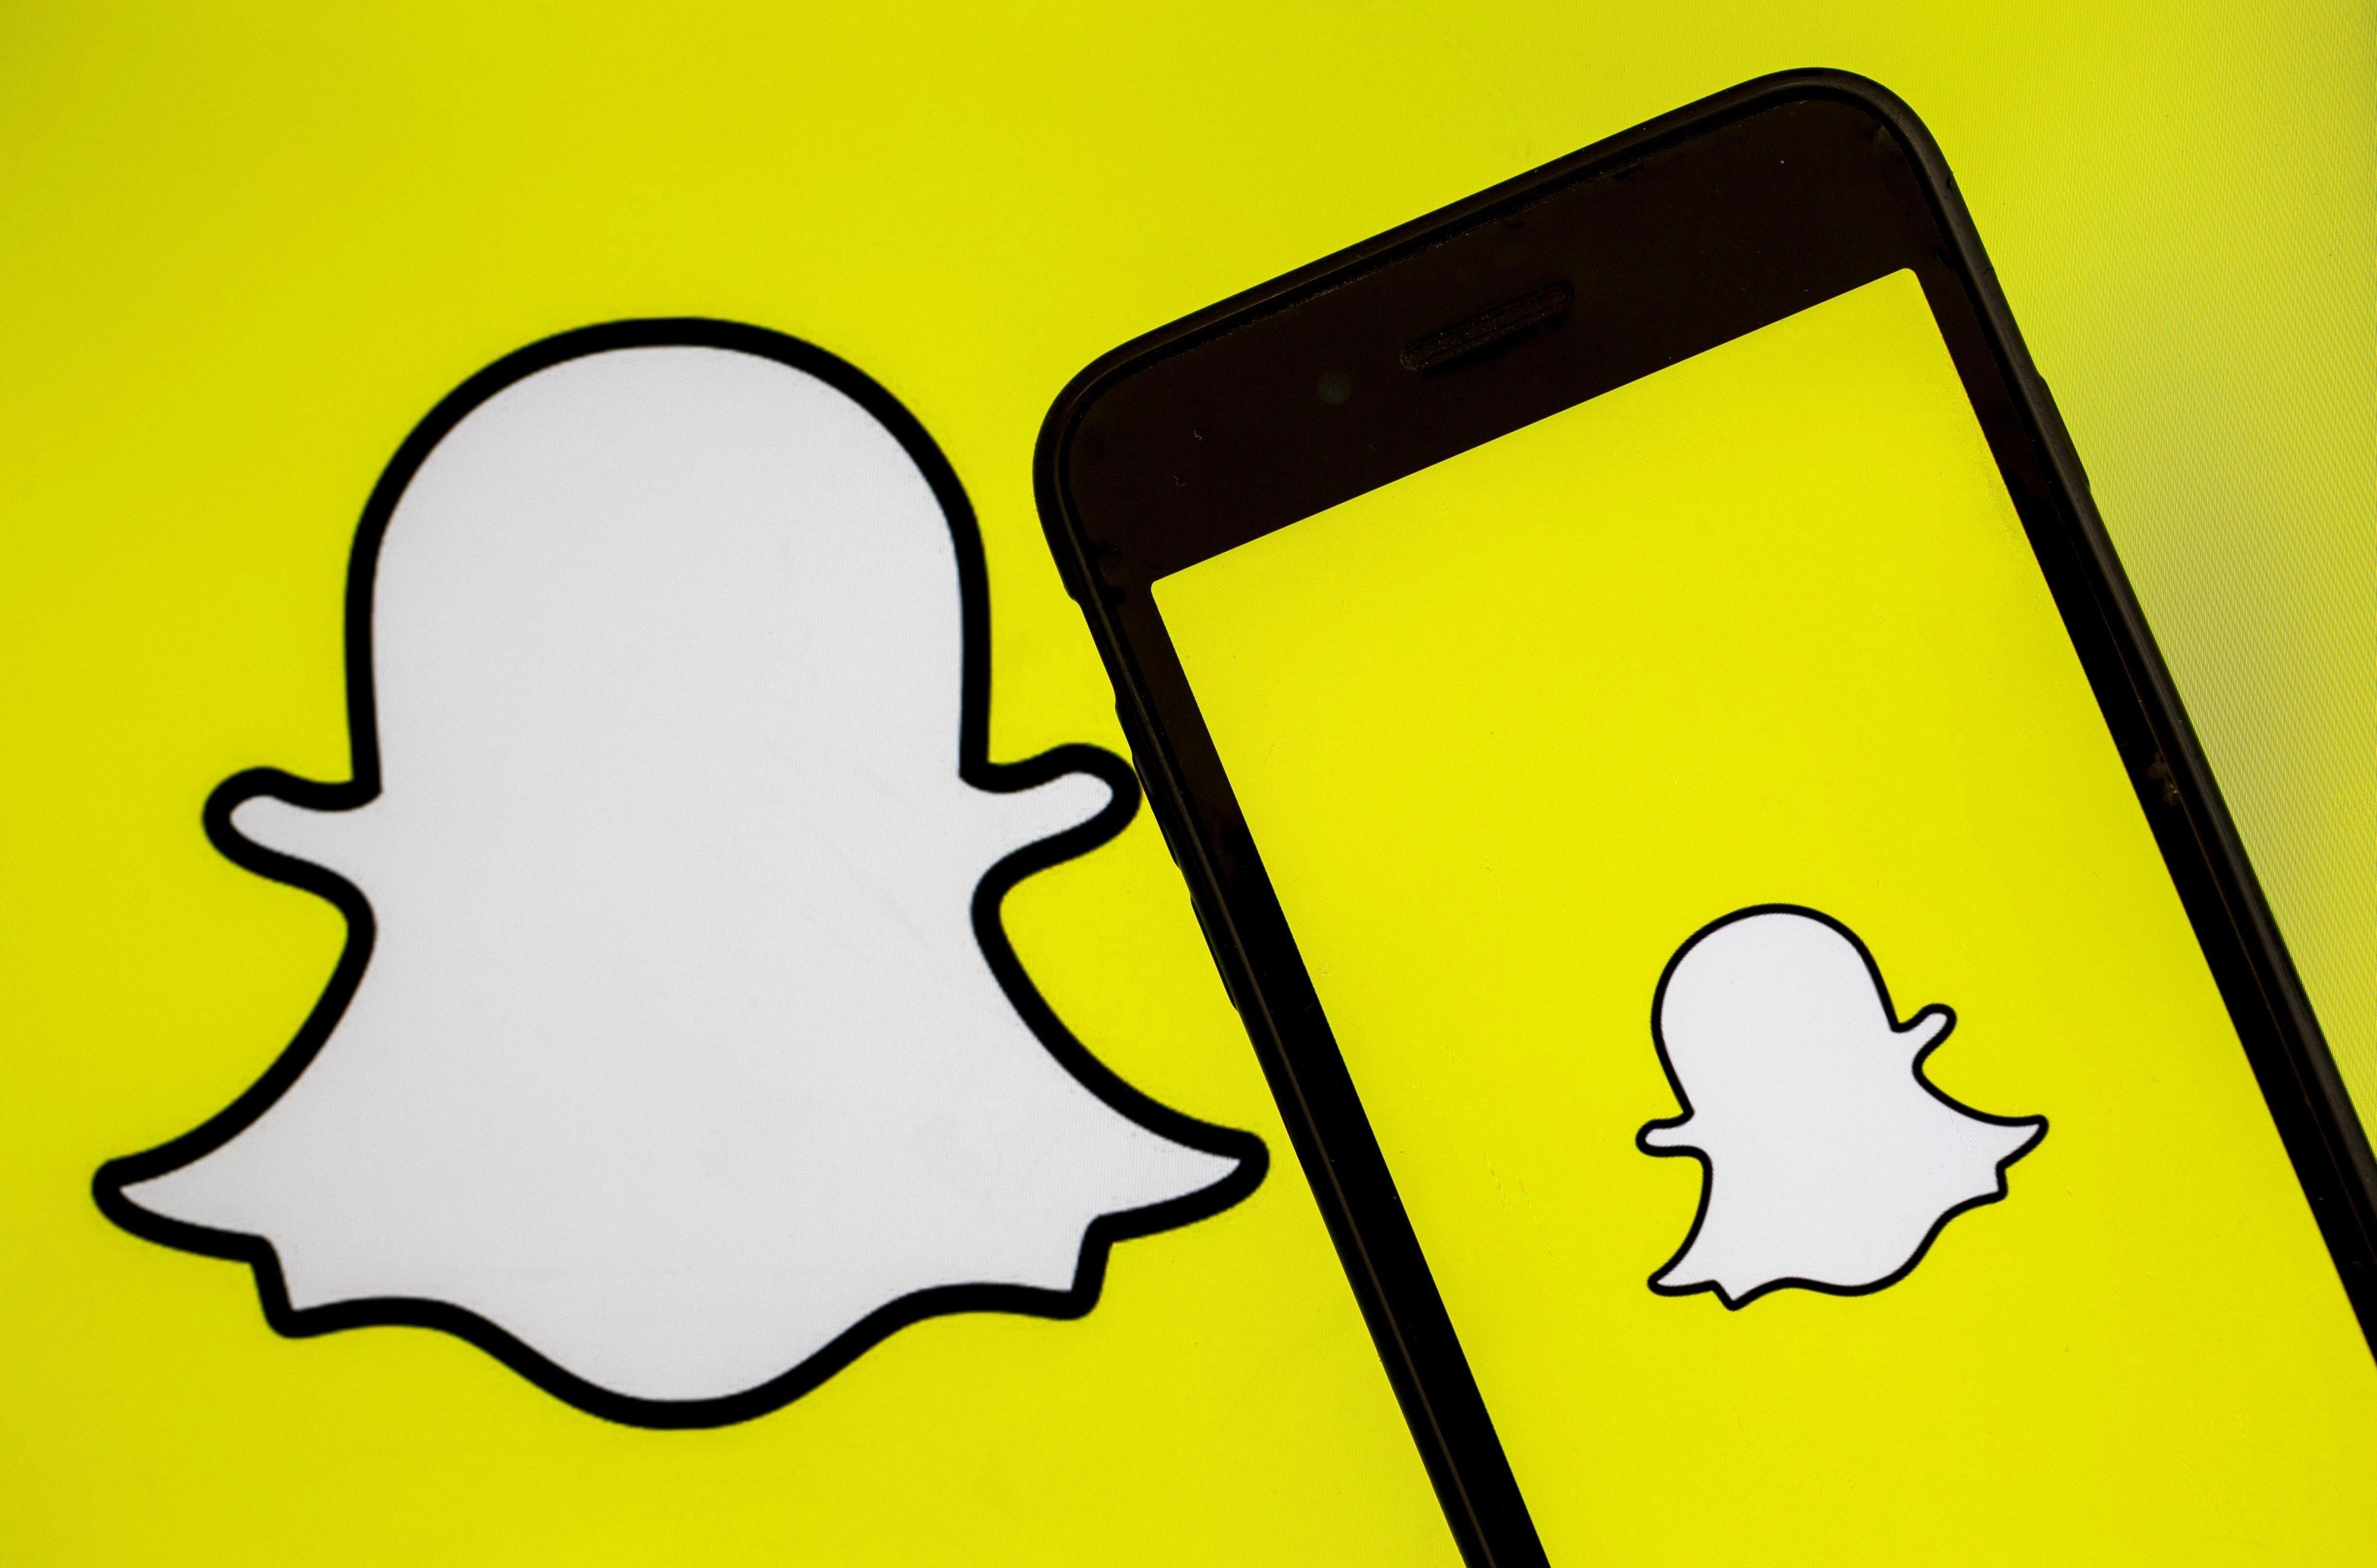 Snapchat هو أحد التطبيقات الأكثر استخدامًا